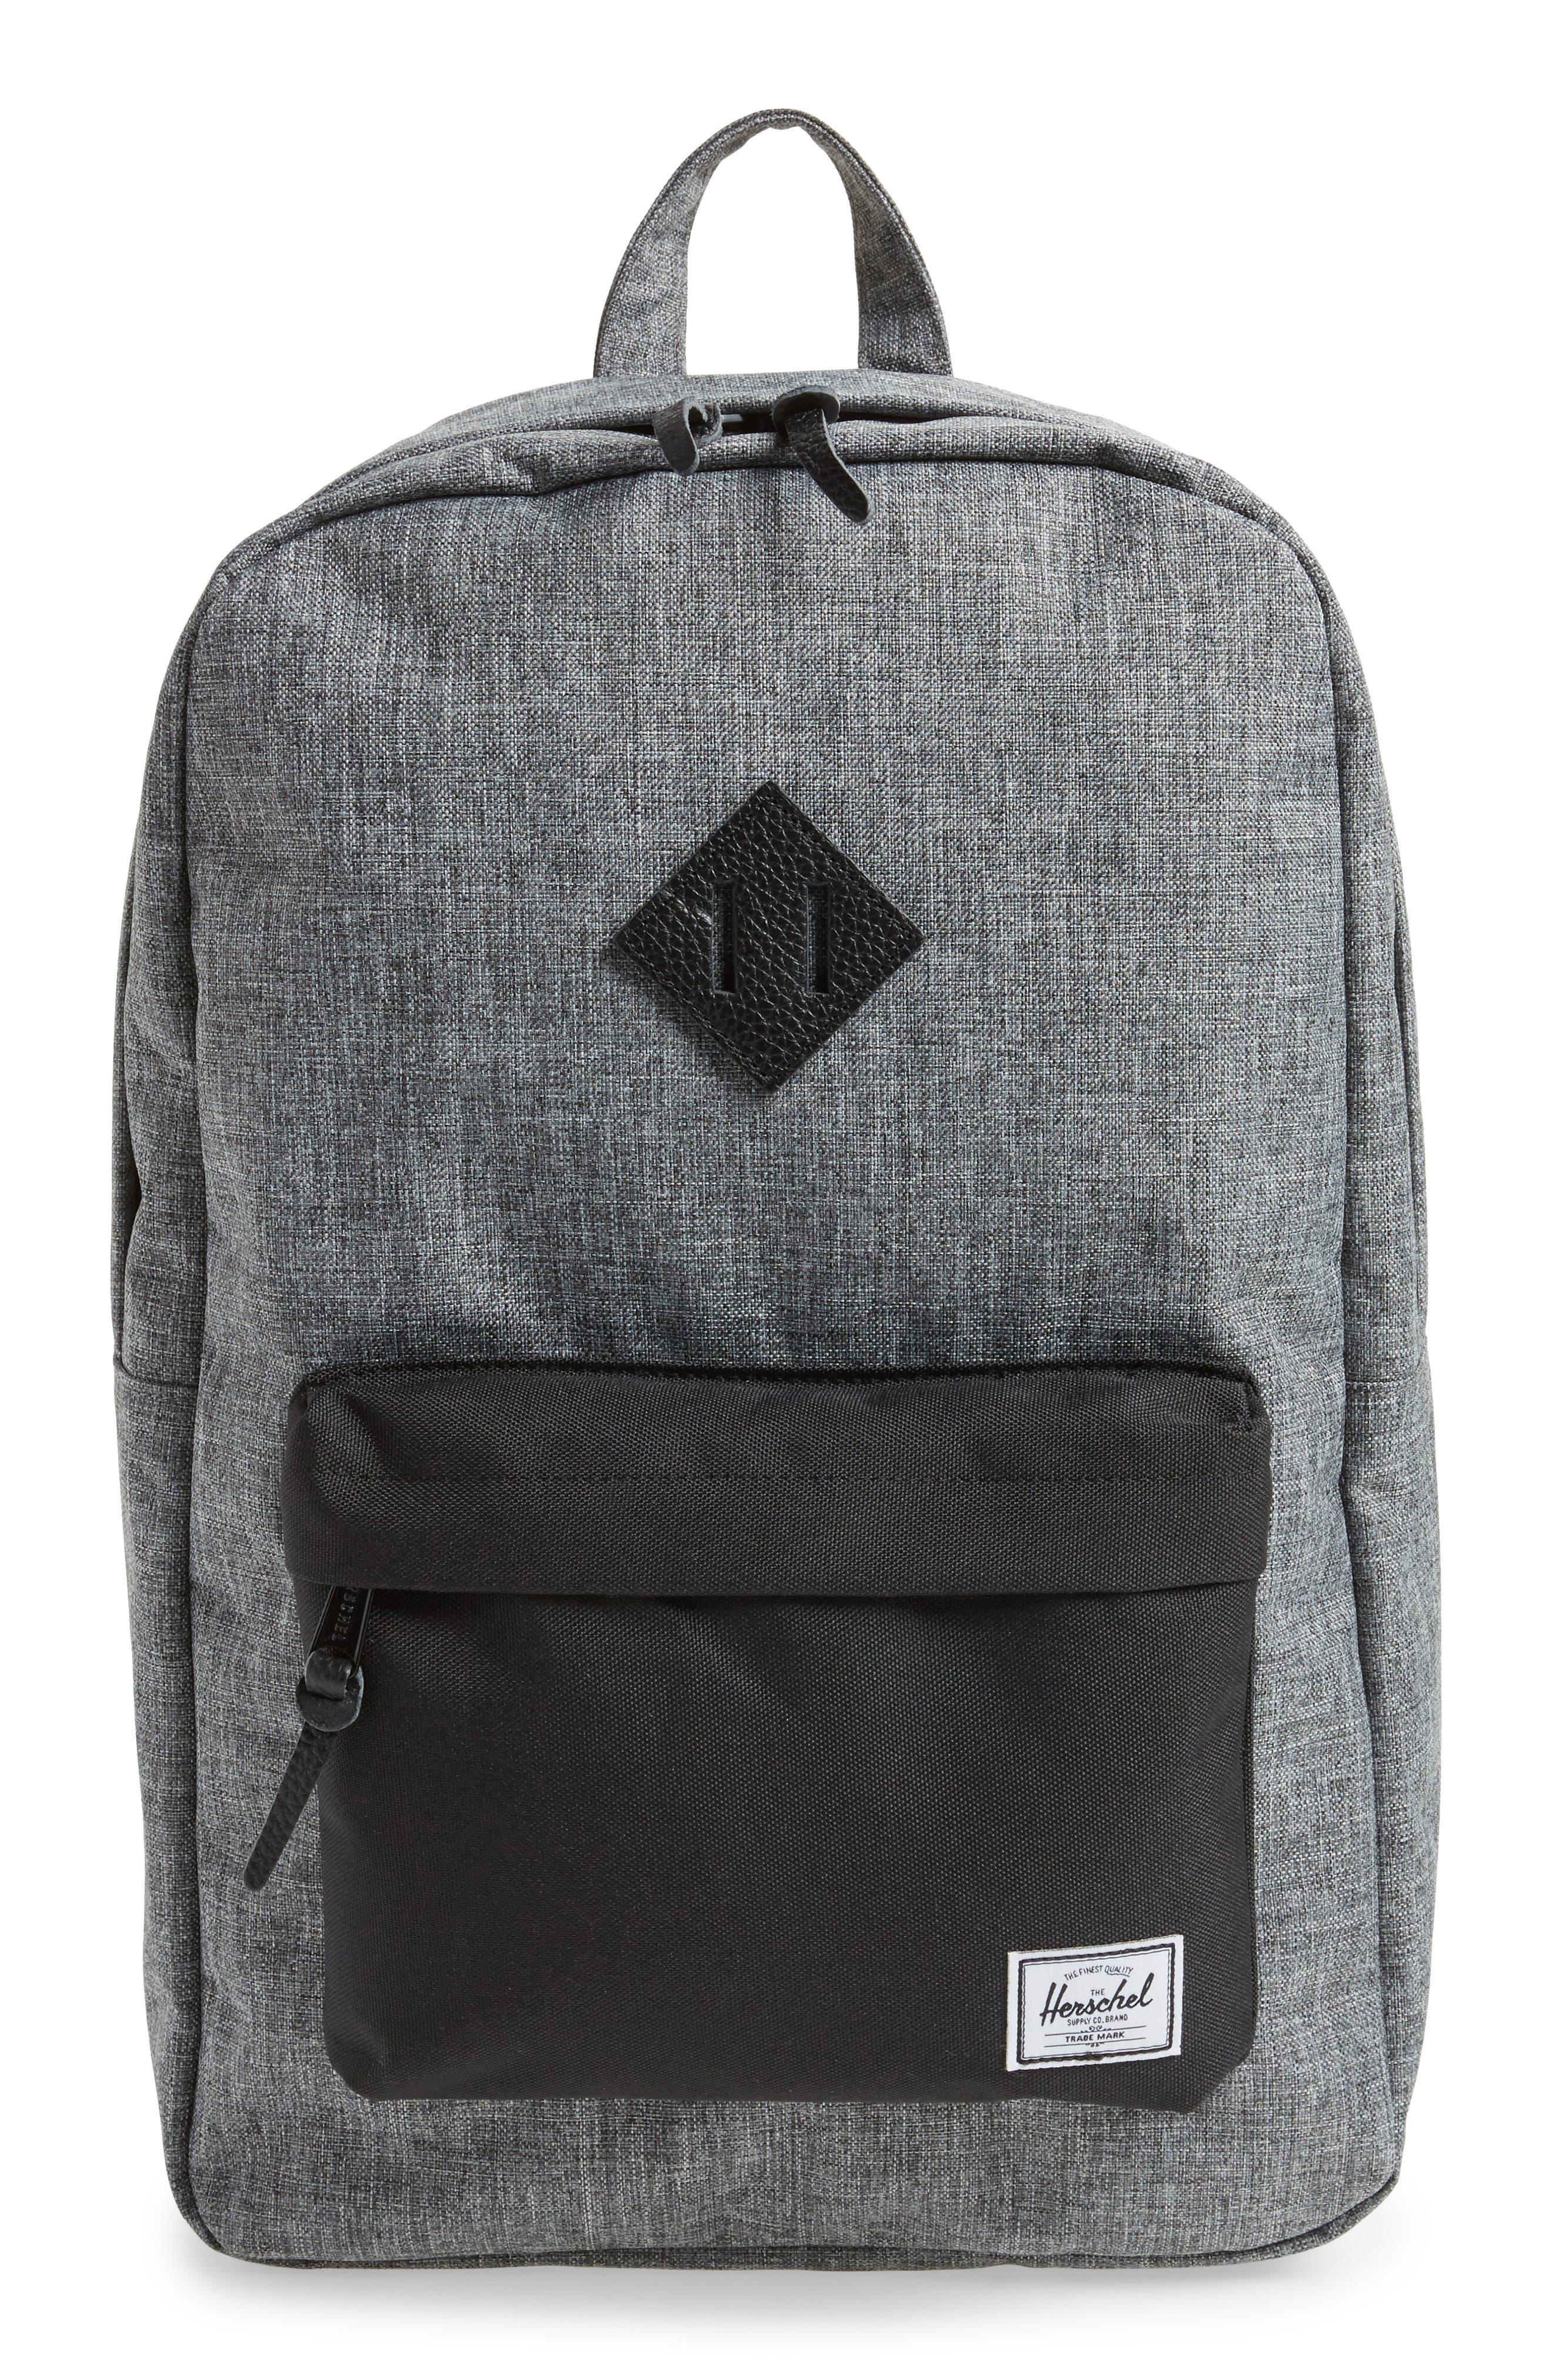 Heritage Backpack,                             Alternate thumbnail 2, color,                             RAVEN CROSSHATCH/ BLACK